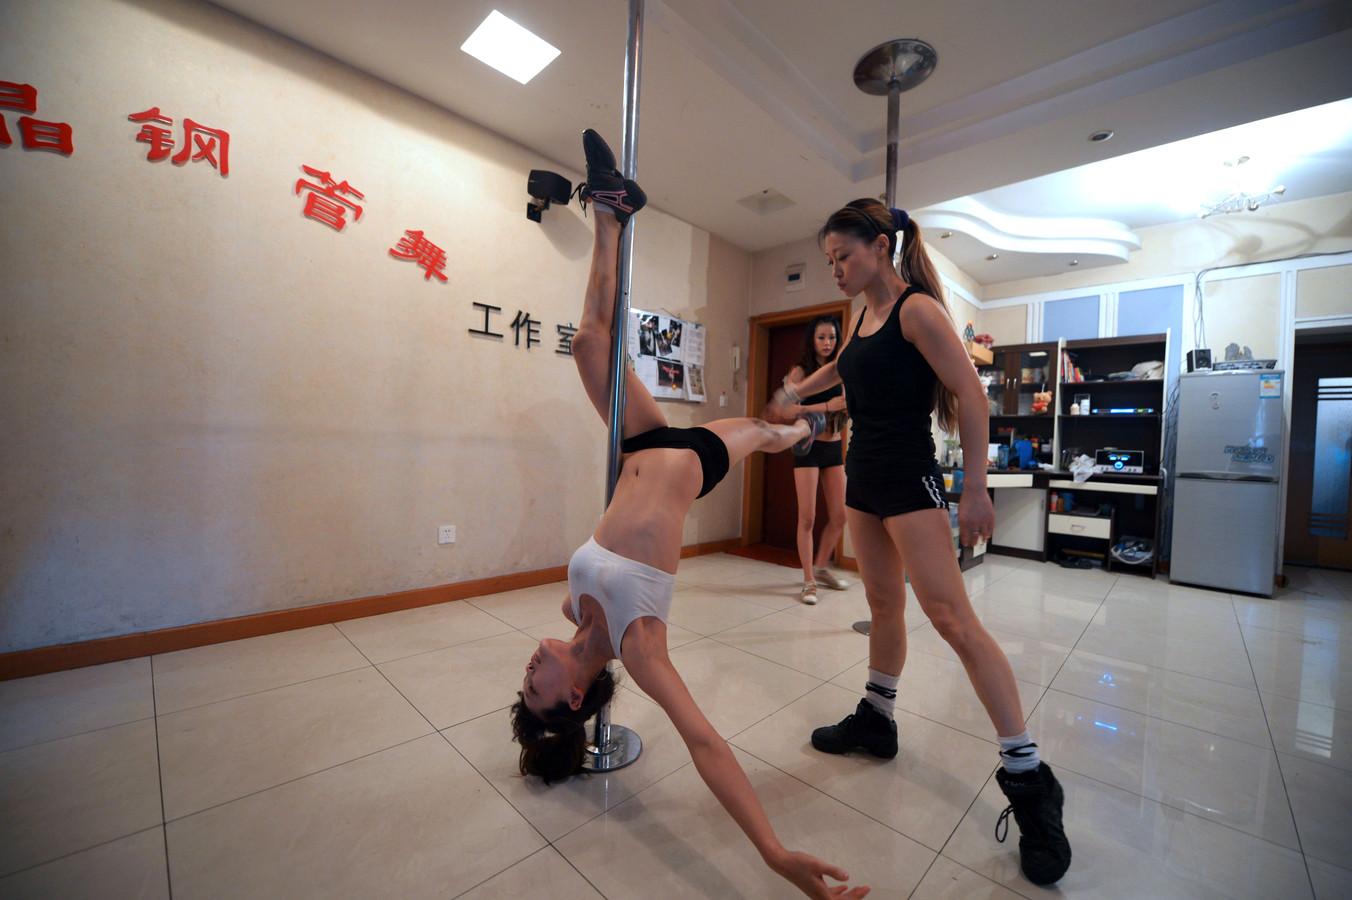 развлечения китаянок видео замерли